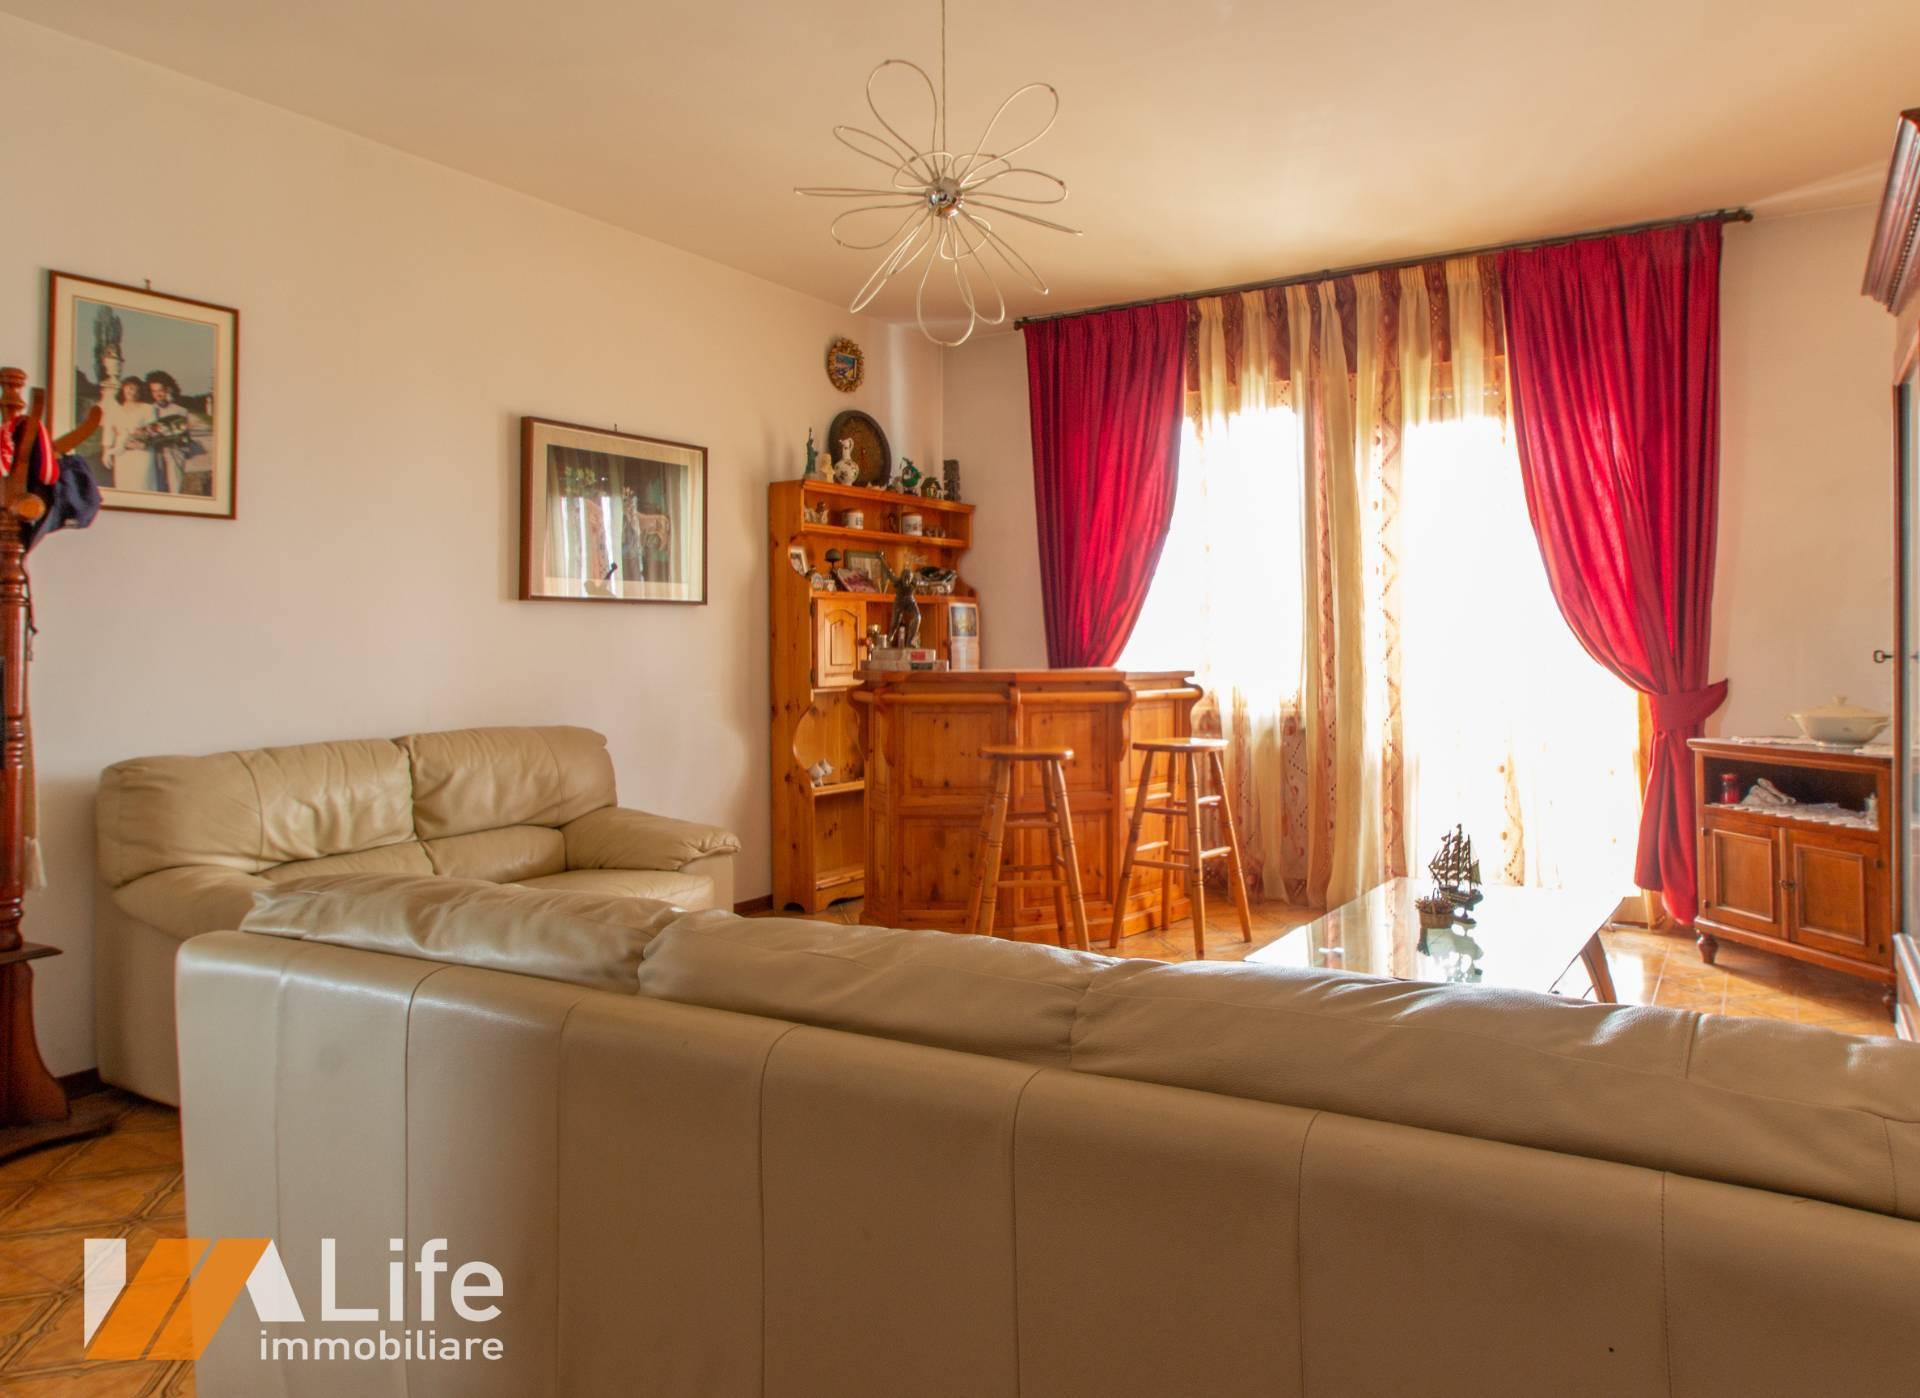 brendola vendita quart:  life immobiliare